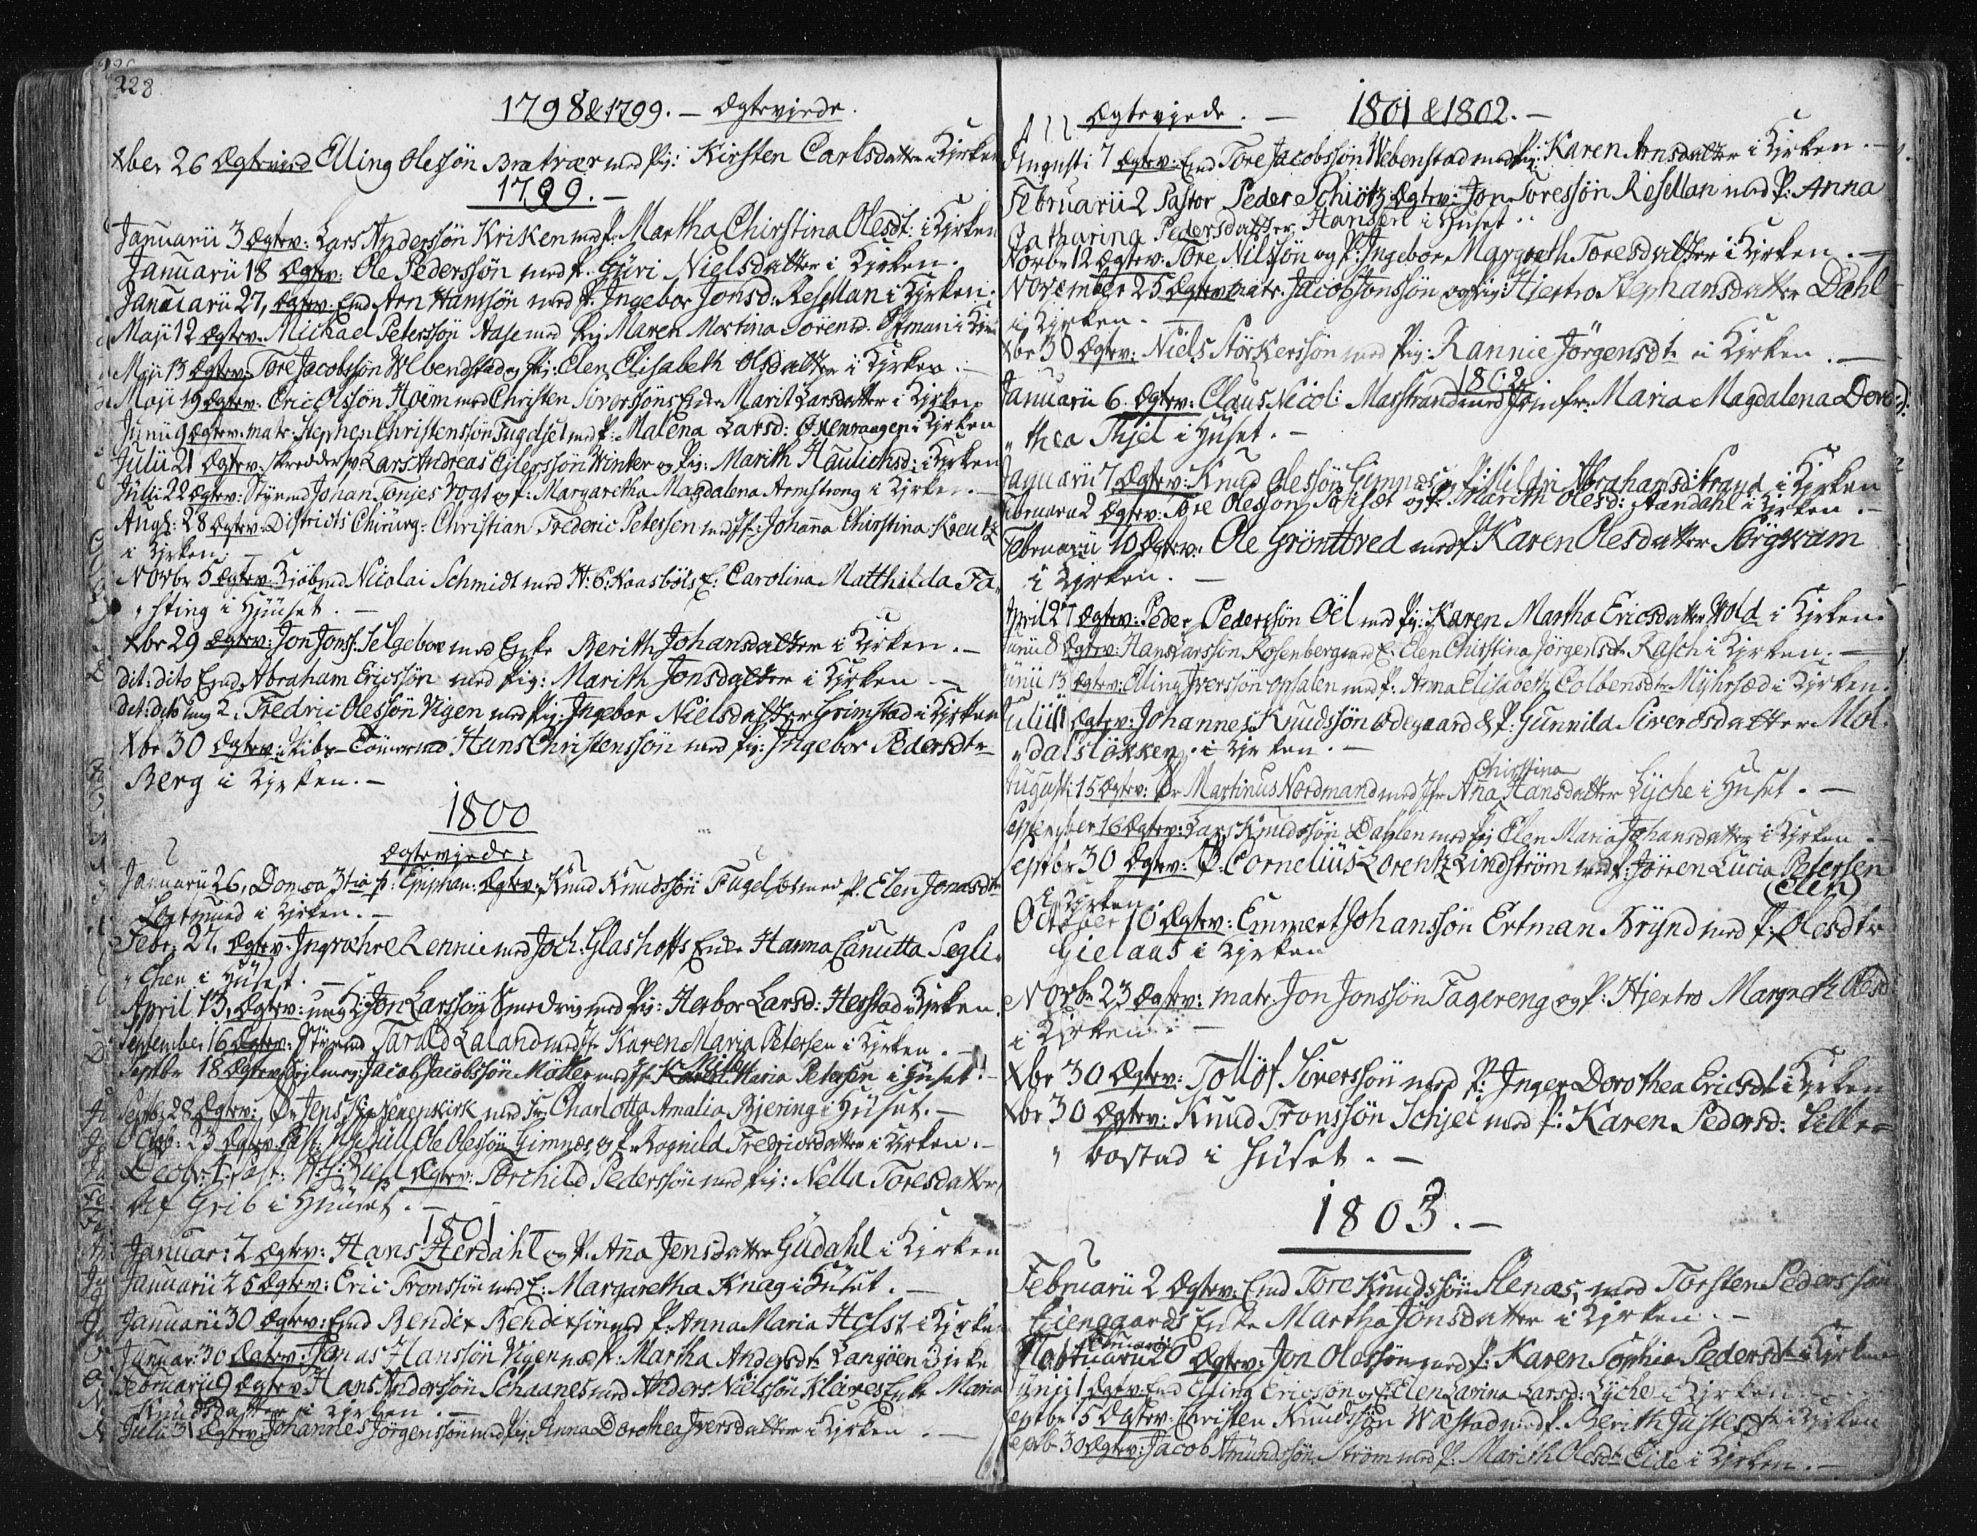 SAT, Ministerialprotokoller, klokkerbøker og fødselsregistre - Møre og Romsdal, 572/L0841: Ministerialbok nr. 572A04, 1784-1819, s. 228